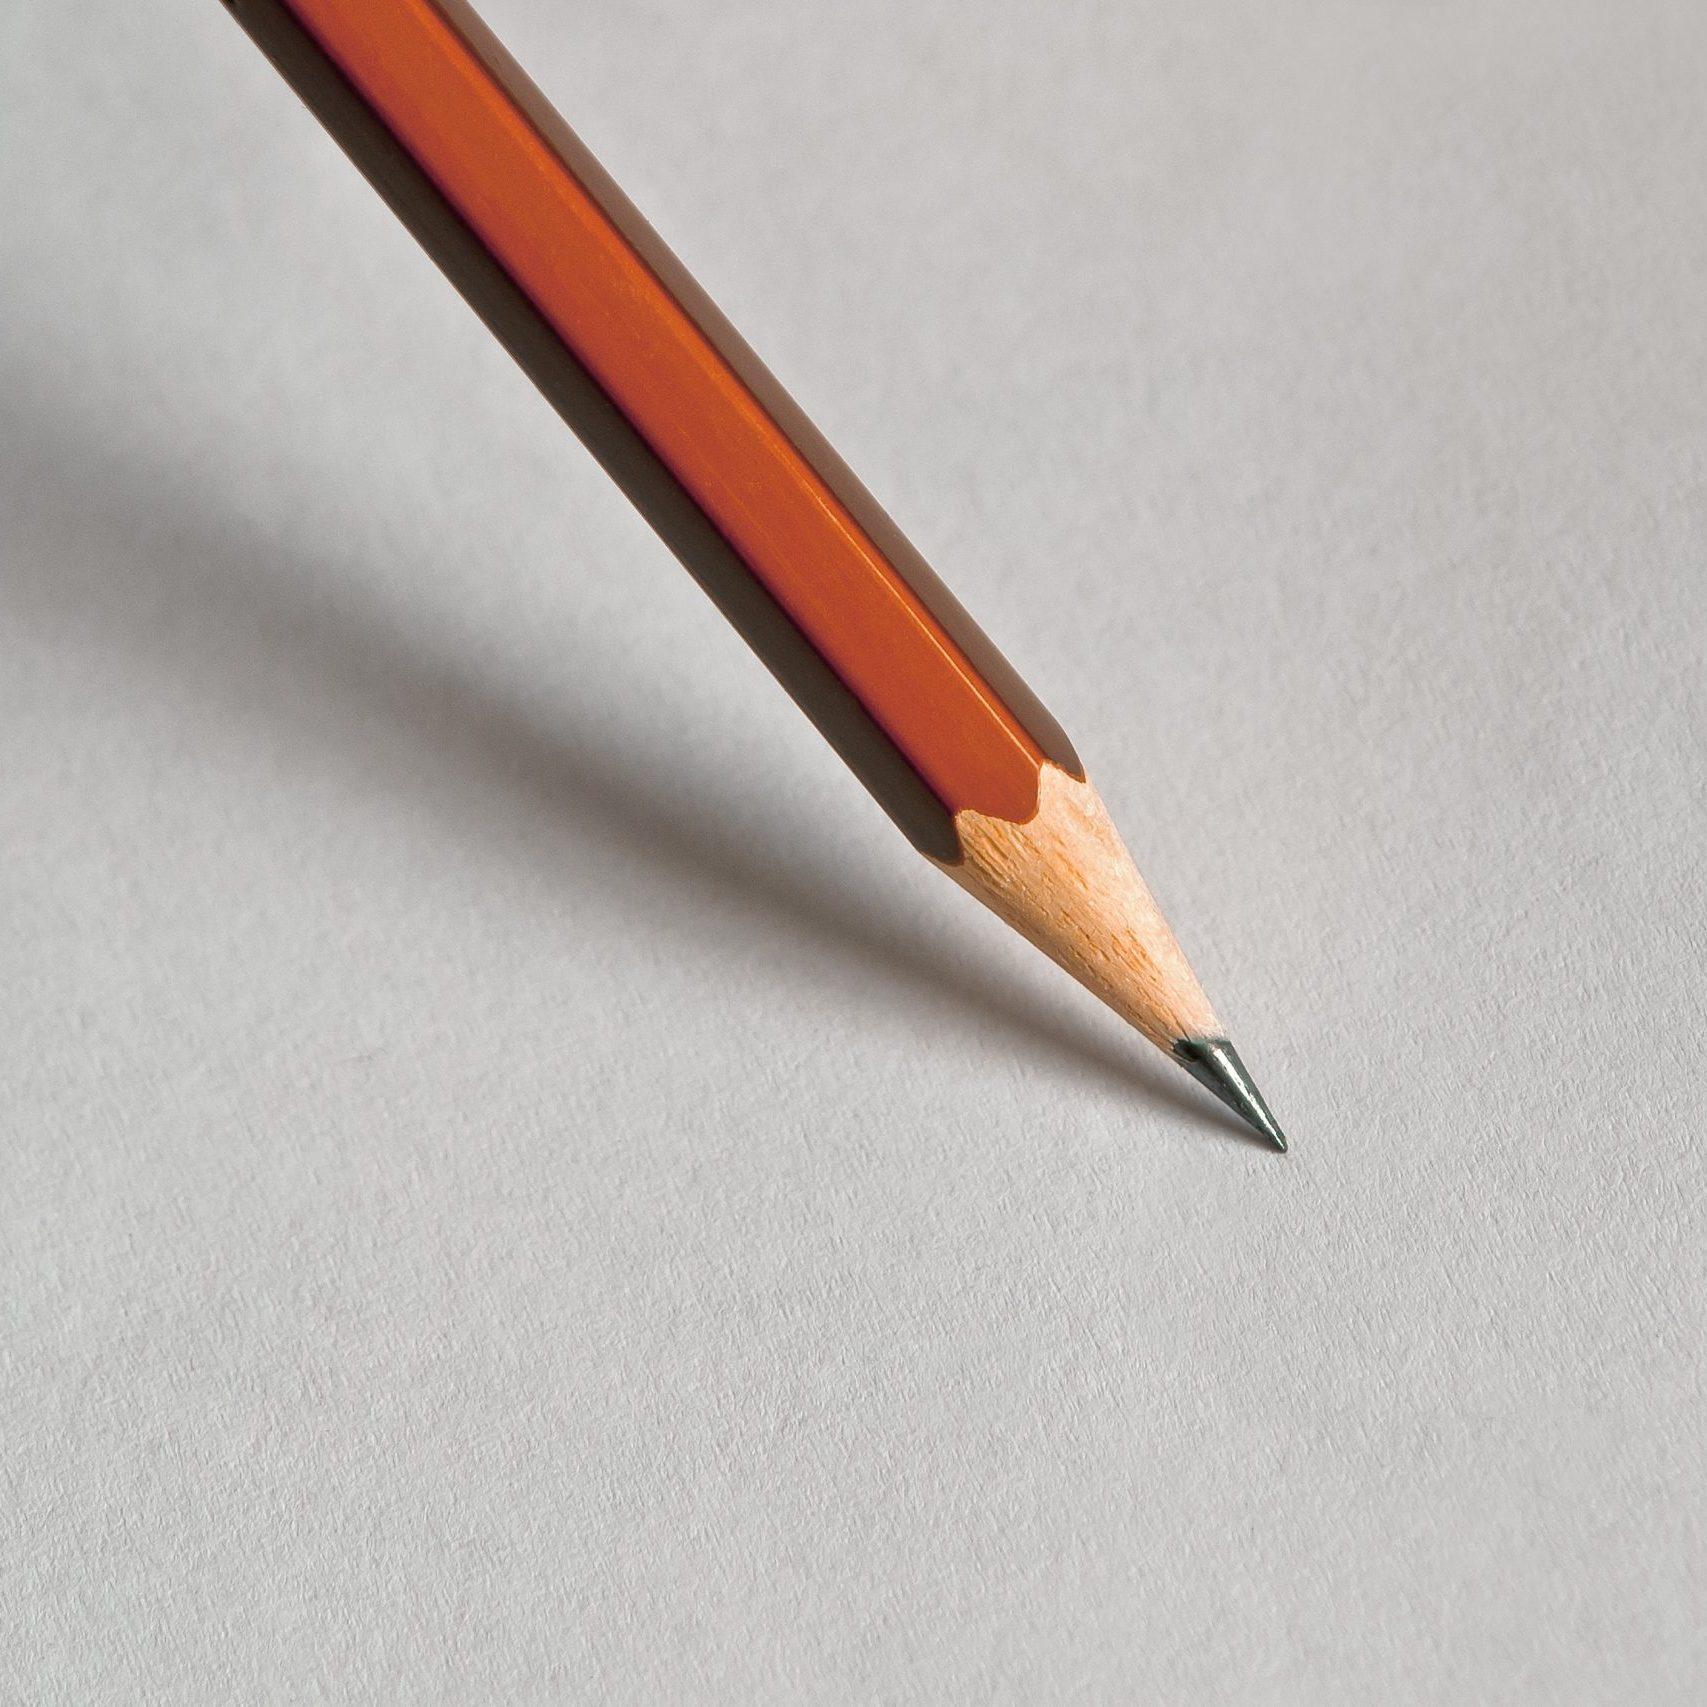 pencil-1209528